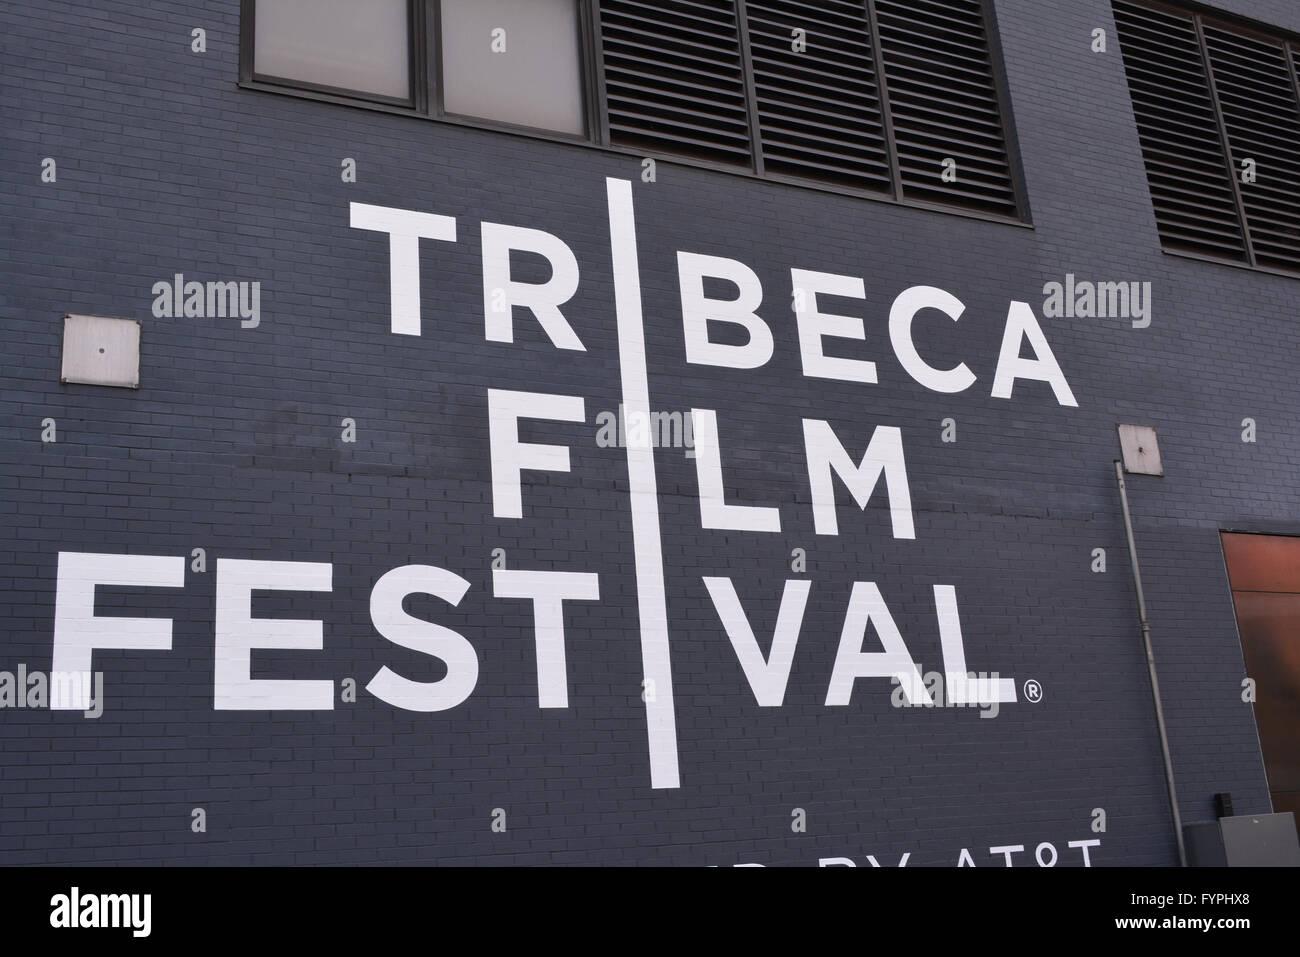 Melden Sie sich für das Tribeca Film Festival in Lower Manhattan. Stockbild